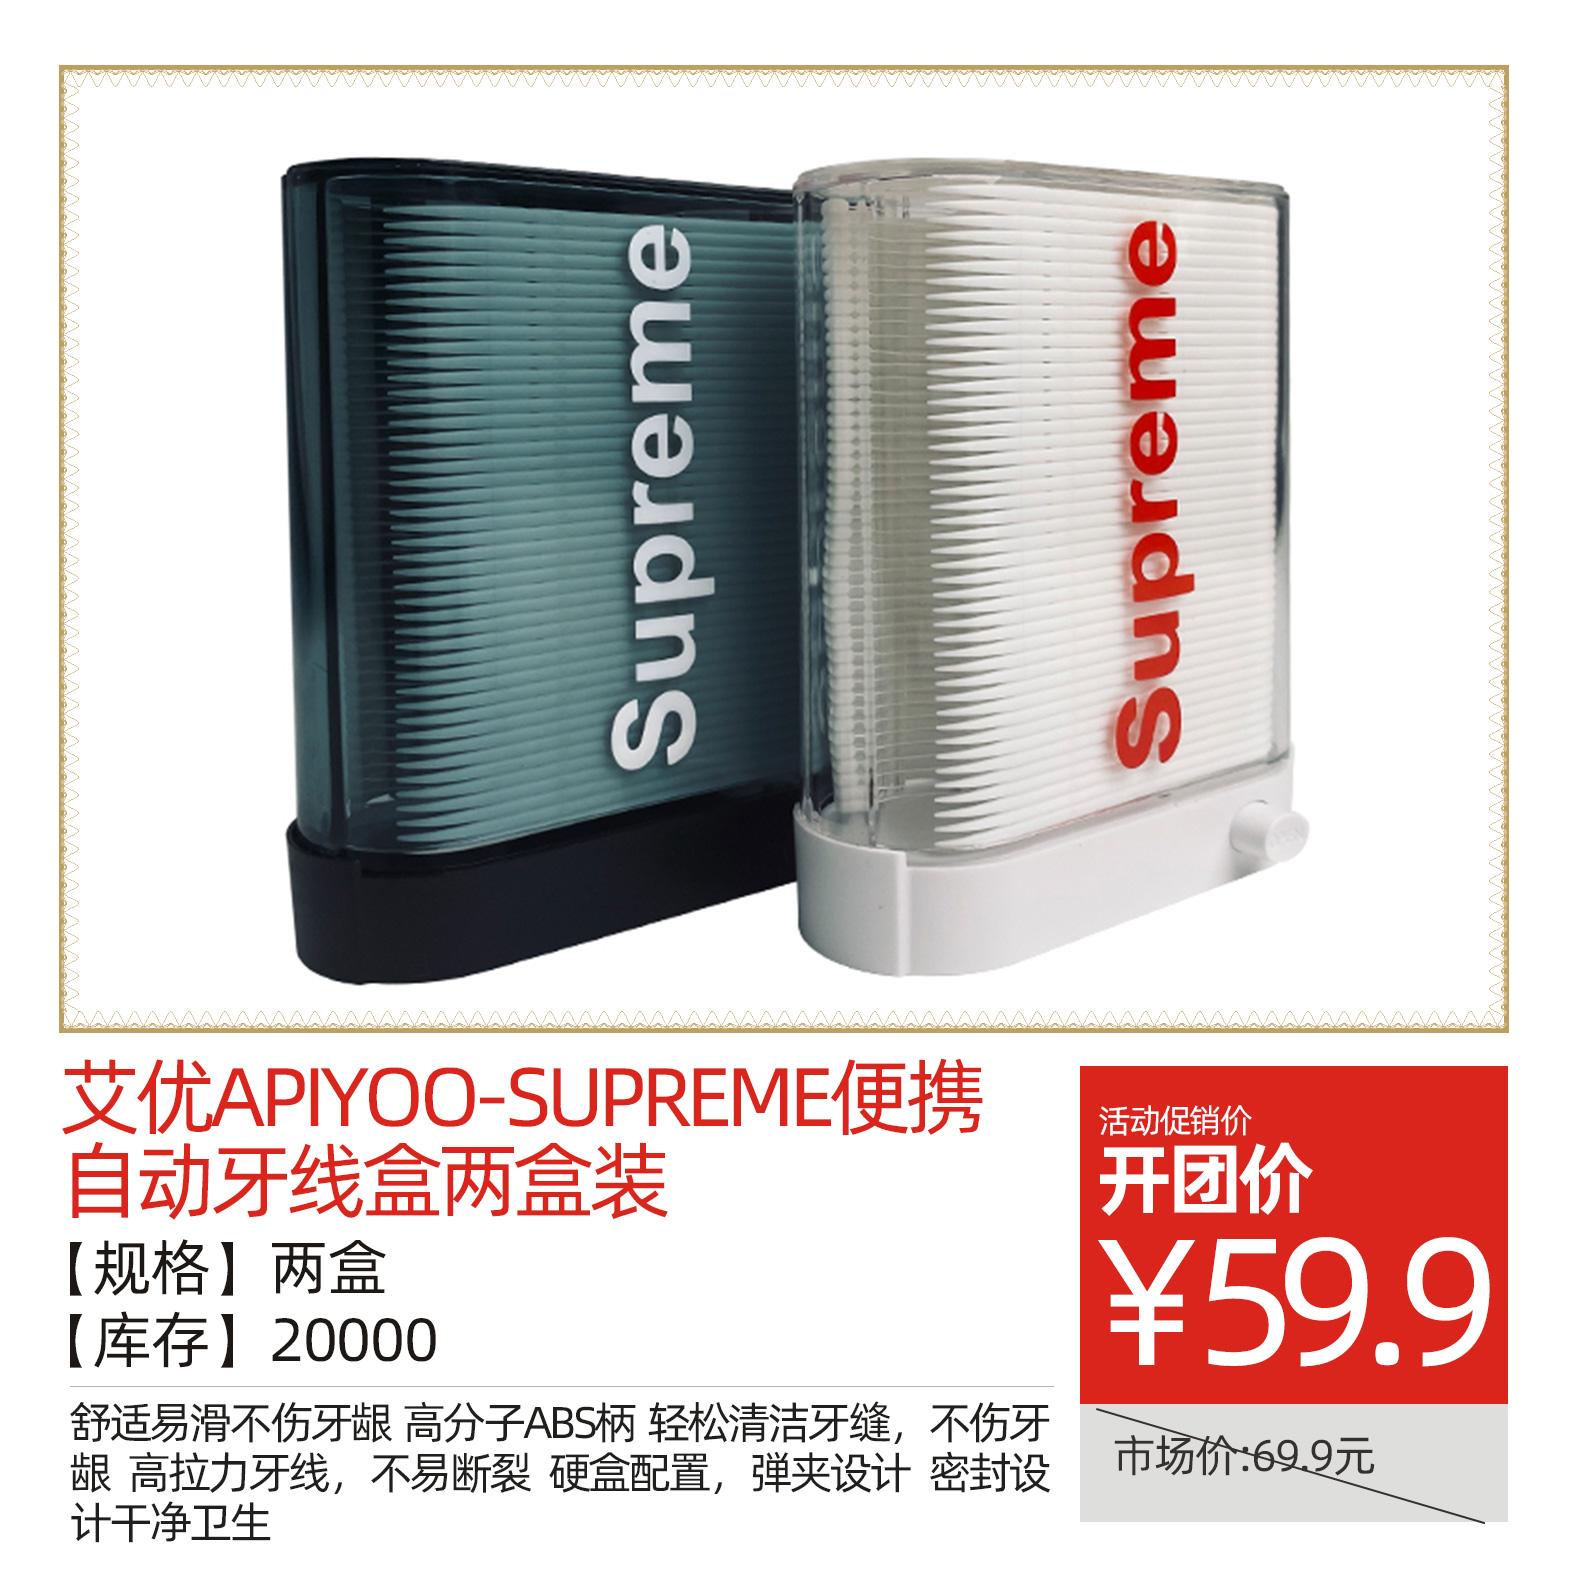 艾优Apiyoo-Supreme便携自动牙线盒两盒装